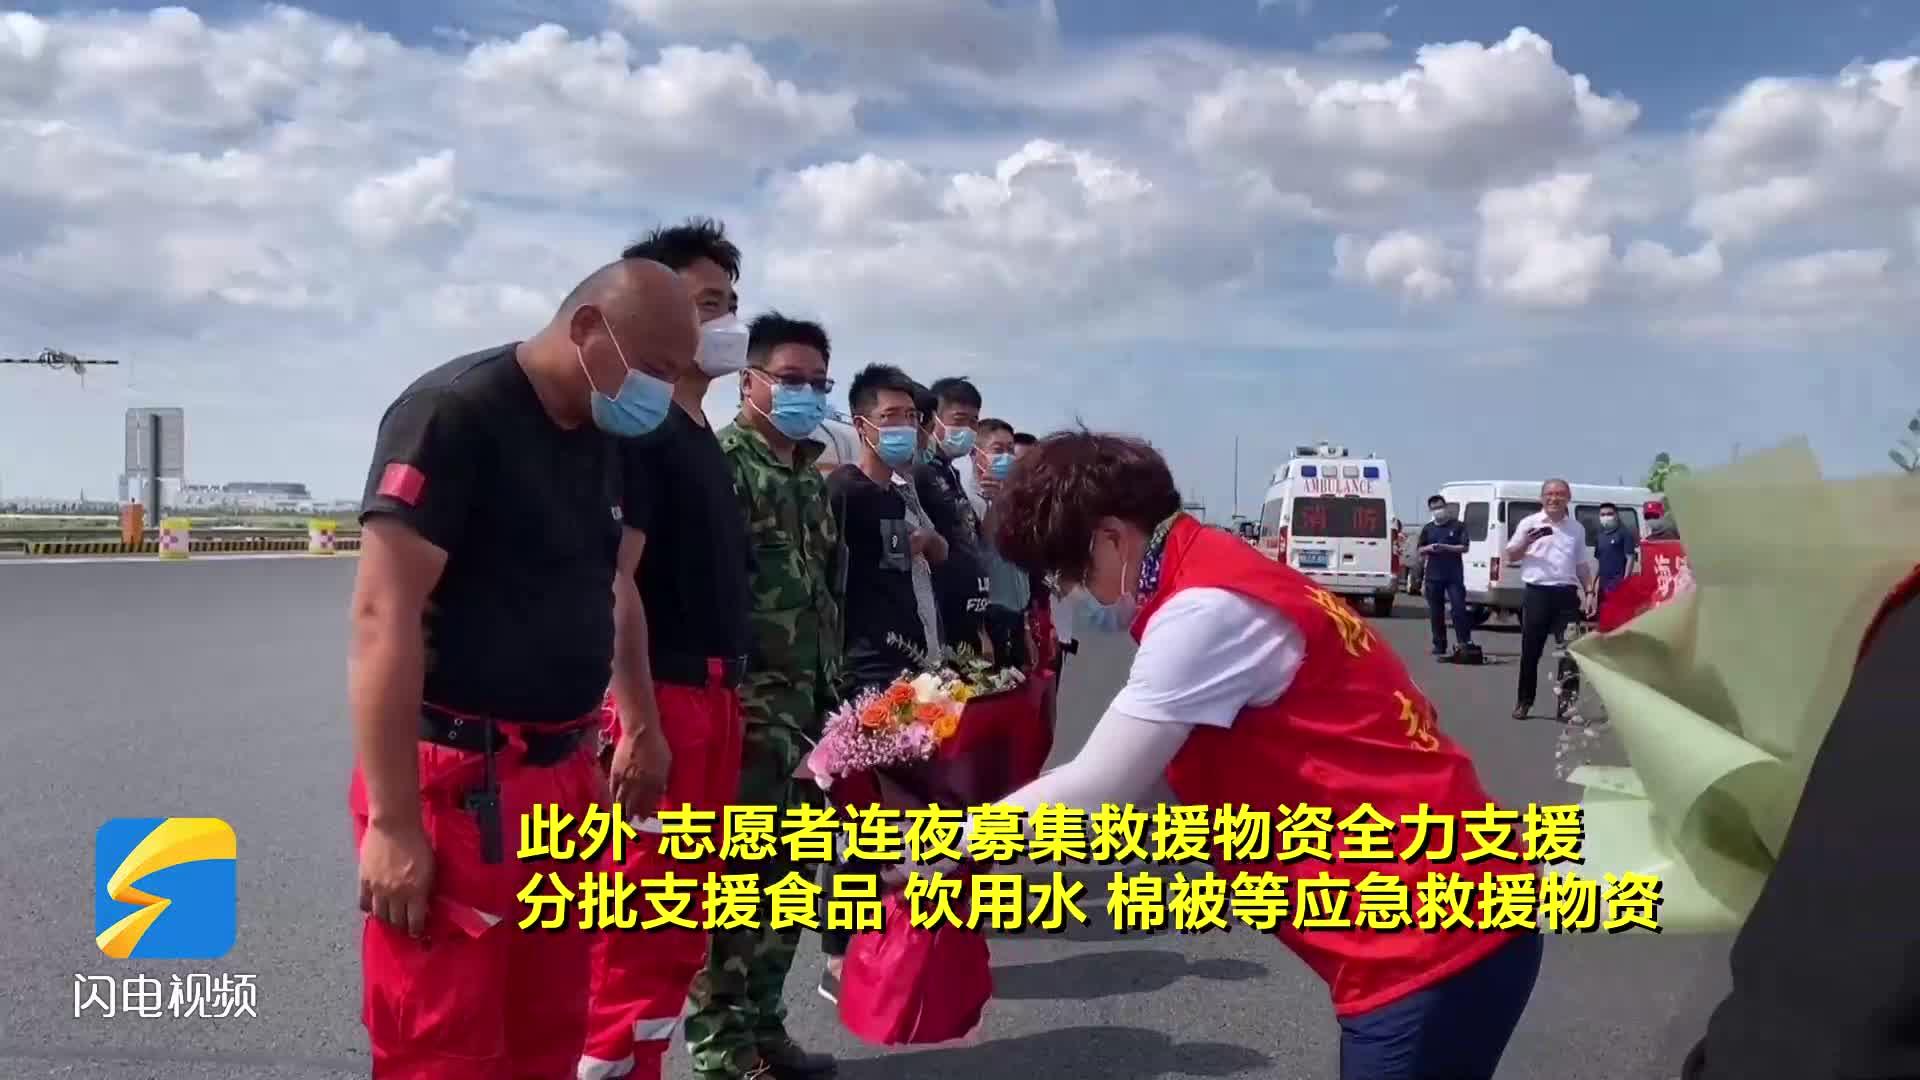 潍坊滨海救援志愿队驰援河南 转移受灾群众1000余人